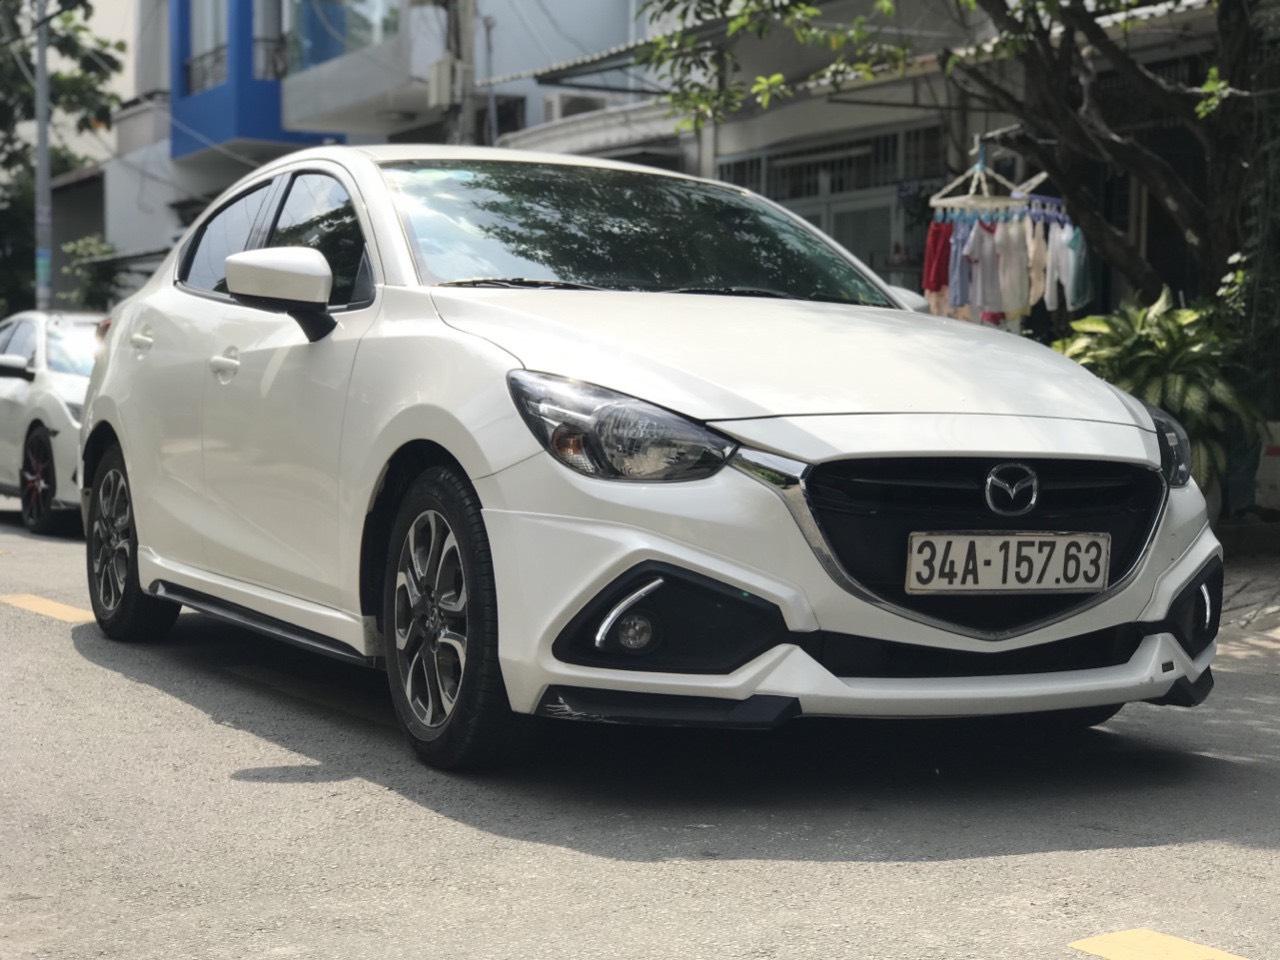 Bán Mazda 2 sedan 1.5AT màu trắng số tự động sản xuất 2016 đi 9000km